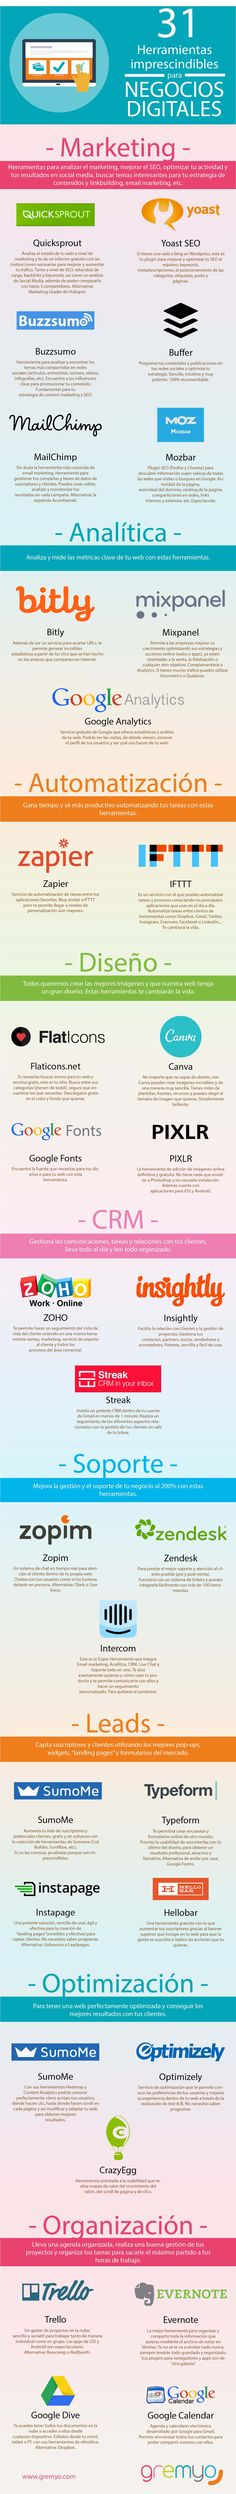 31 herramientas imprescindibles para negocios digitales